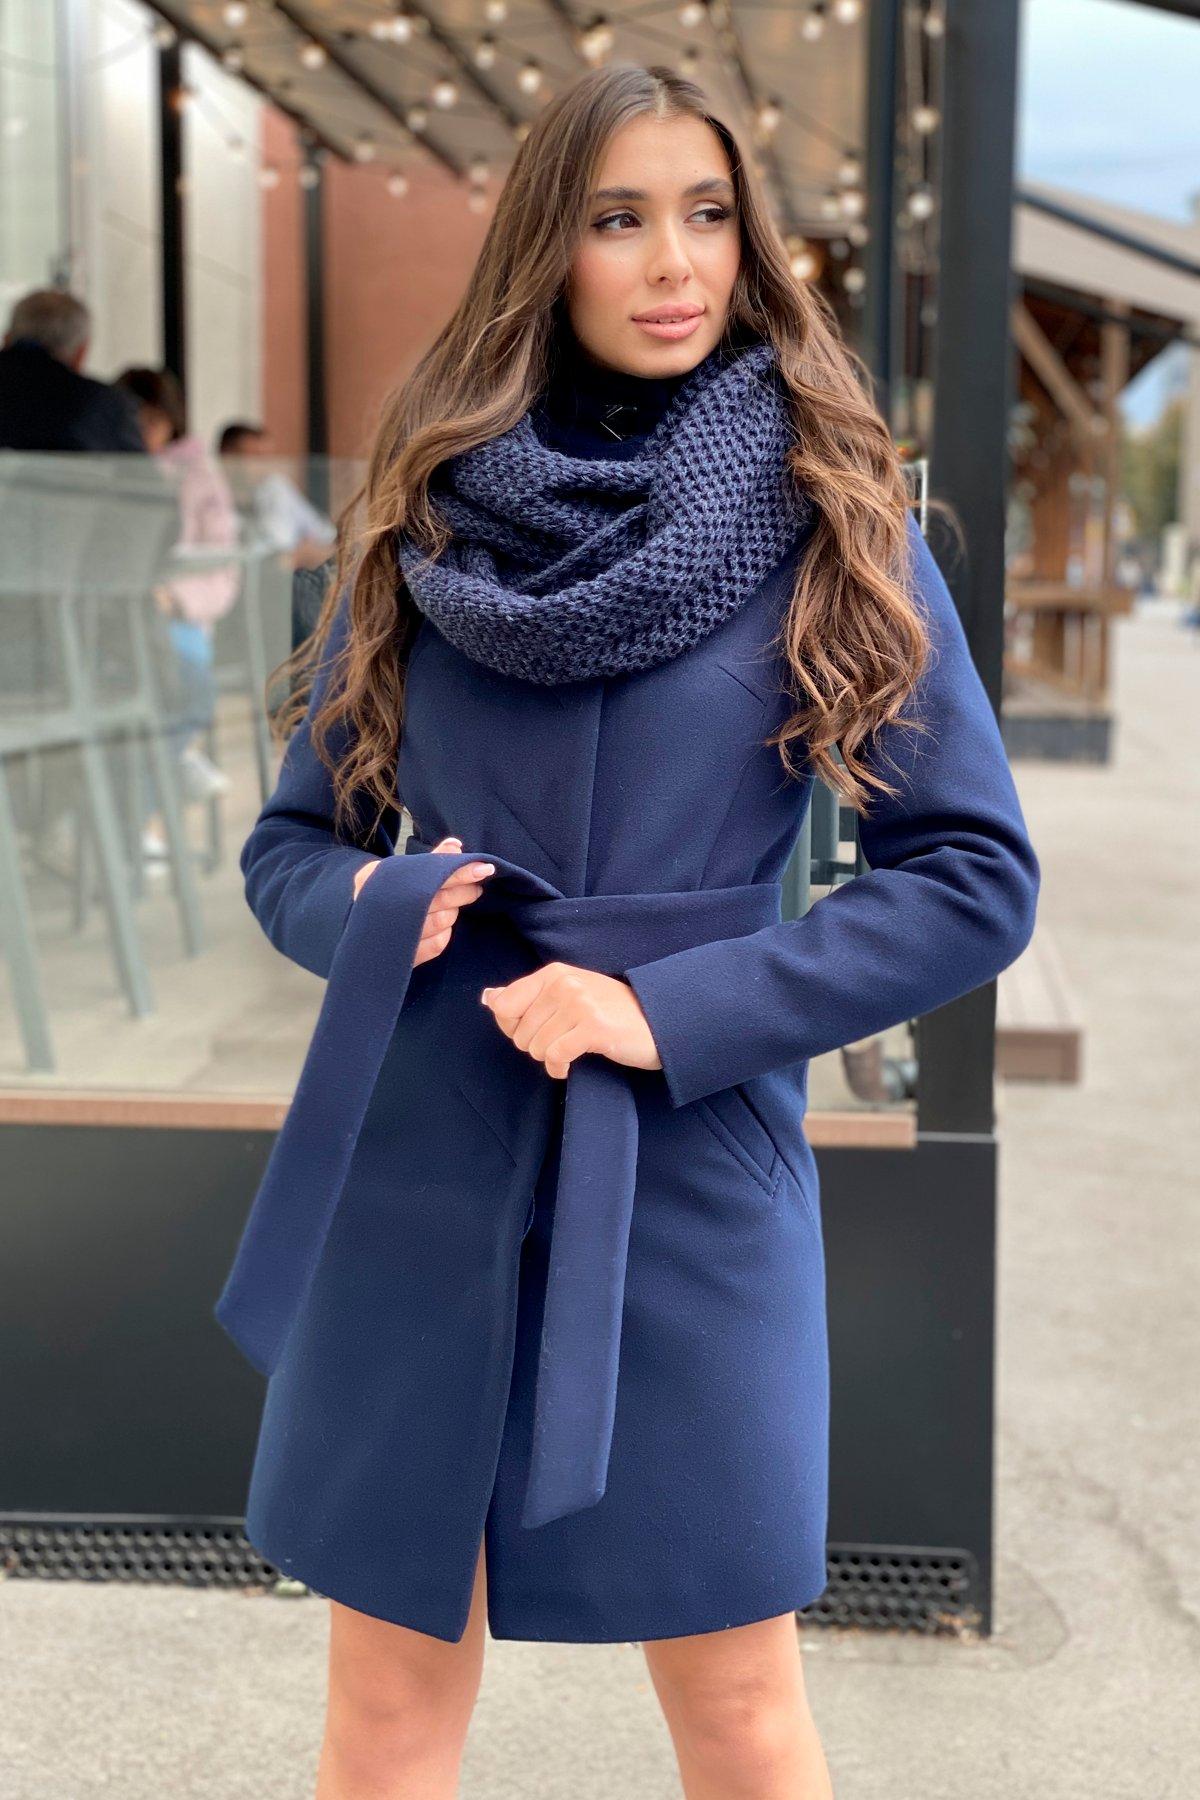 Пальто зима с хомутом Люцея 8211 АРТ. 44224 Цвет: Т.синий Н-14 - фото 12, интернет магазин tm-modus.ru